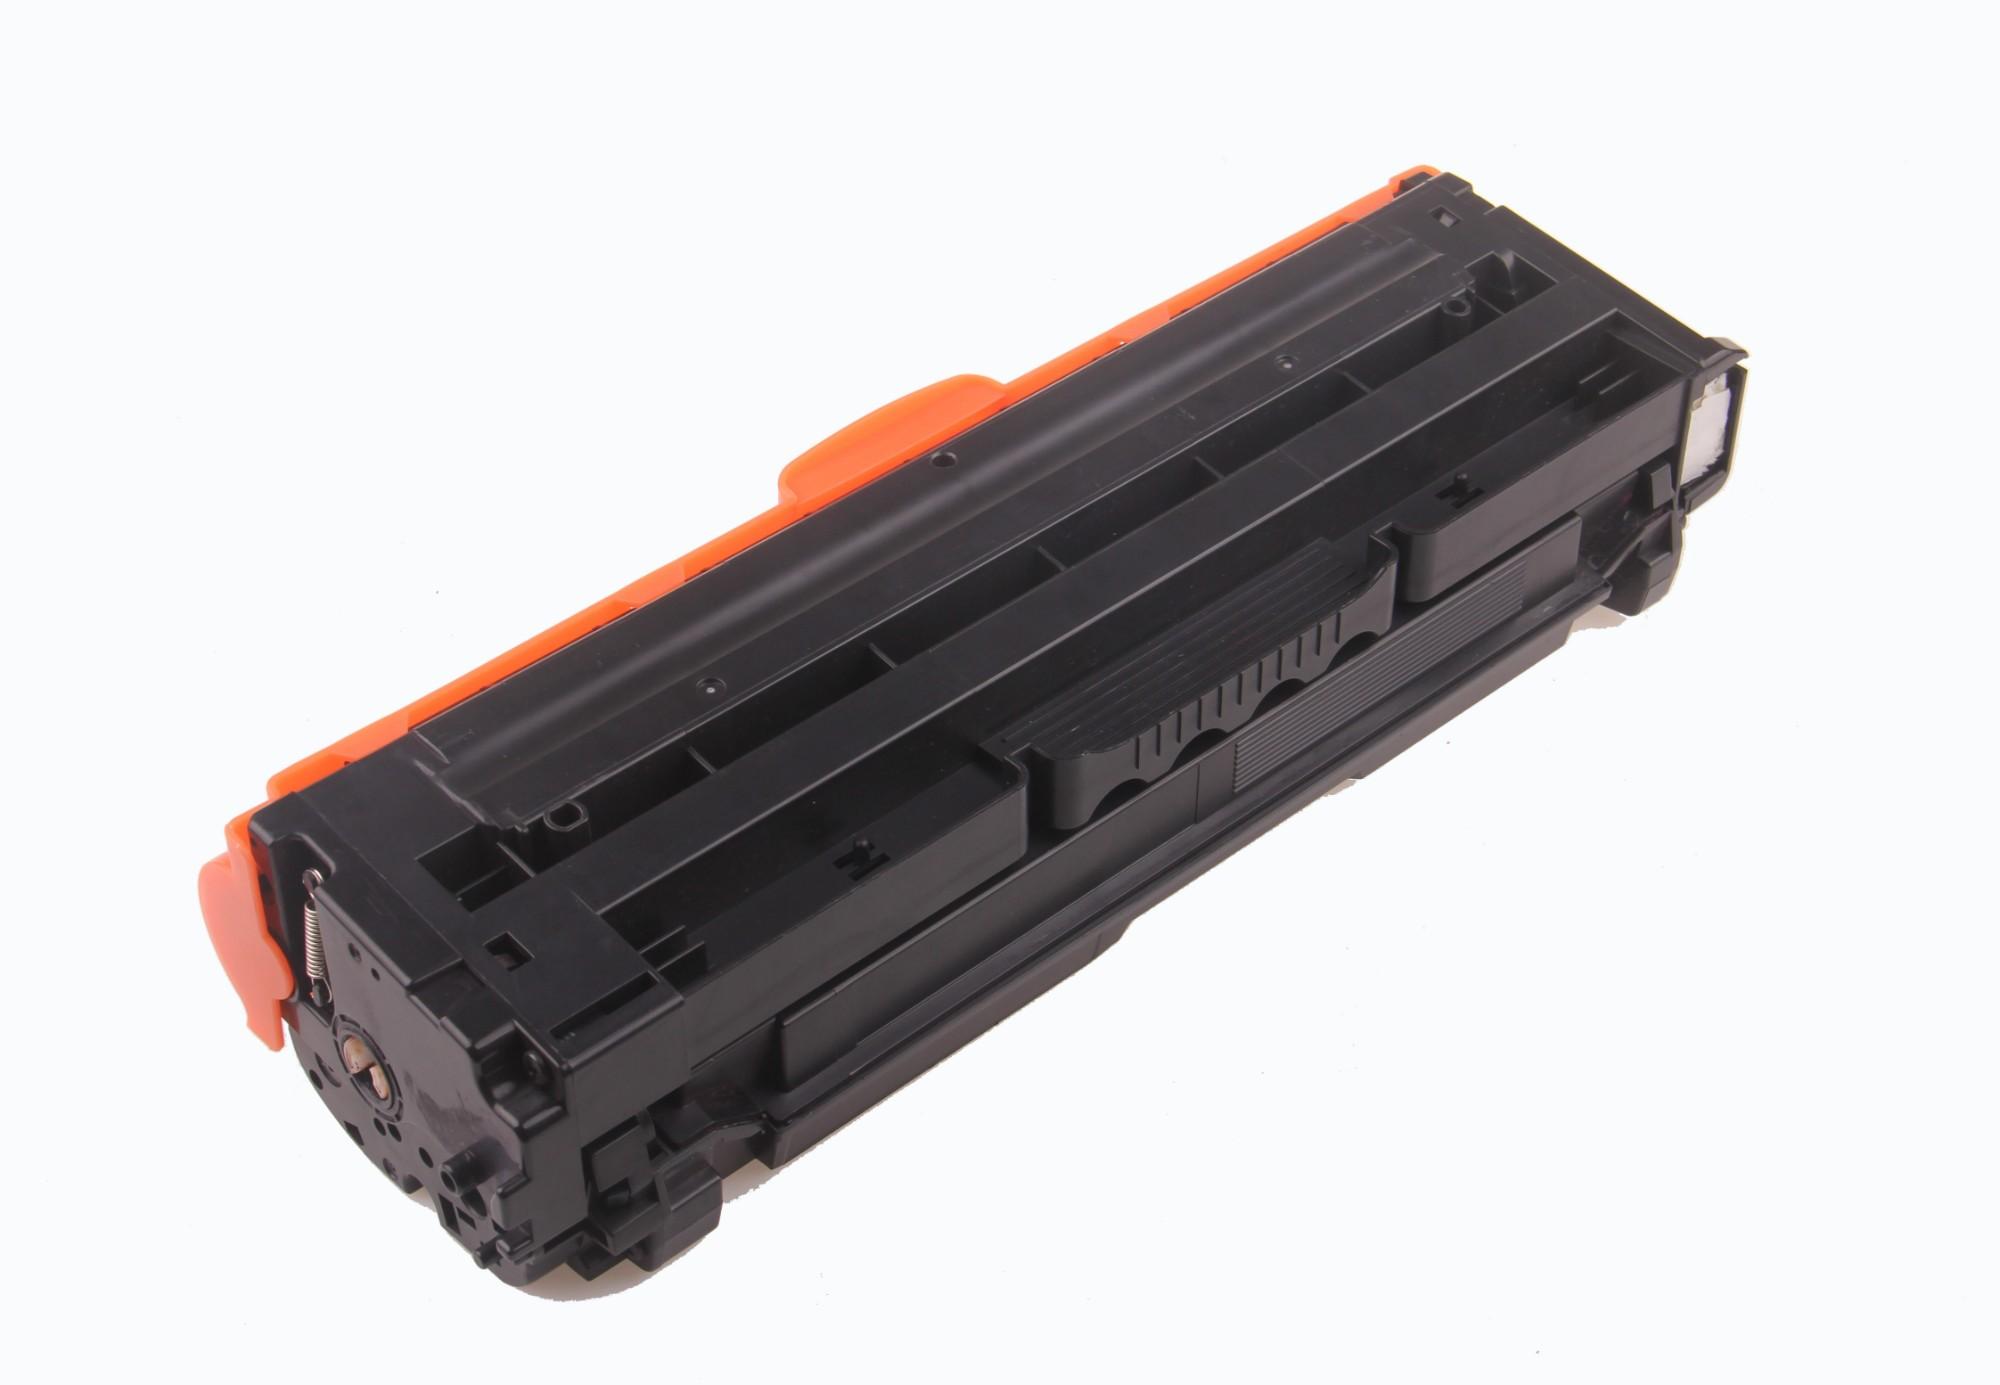 Remanufactured Samsung CLT-M506L / HP SU305A Magenta Toner Cartridge